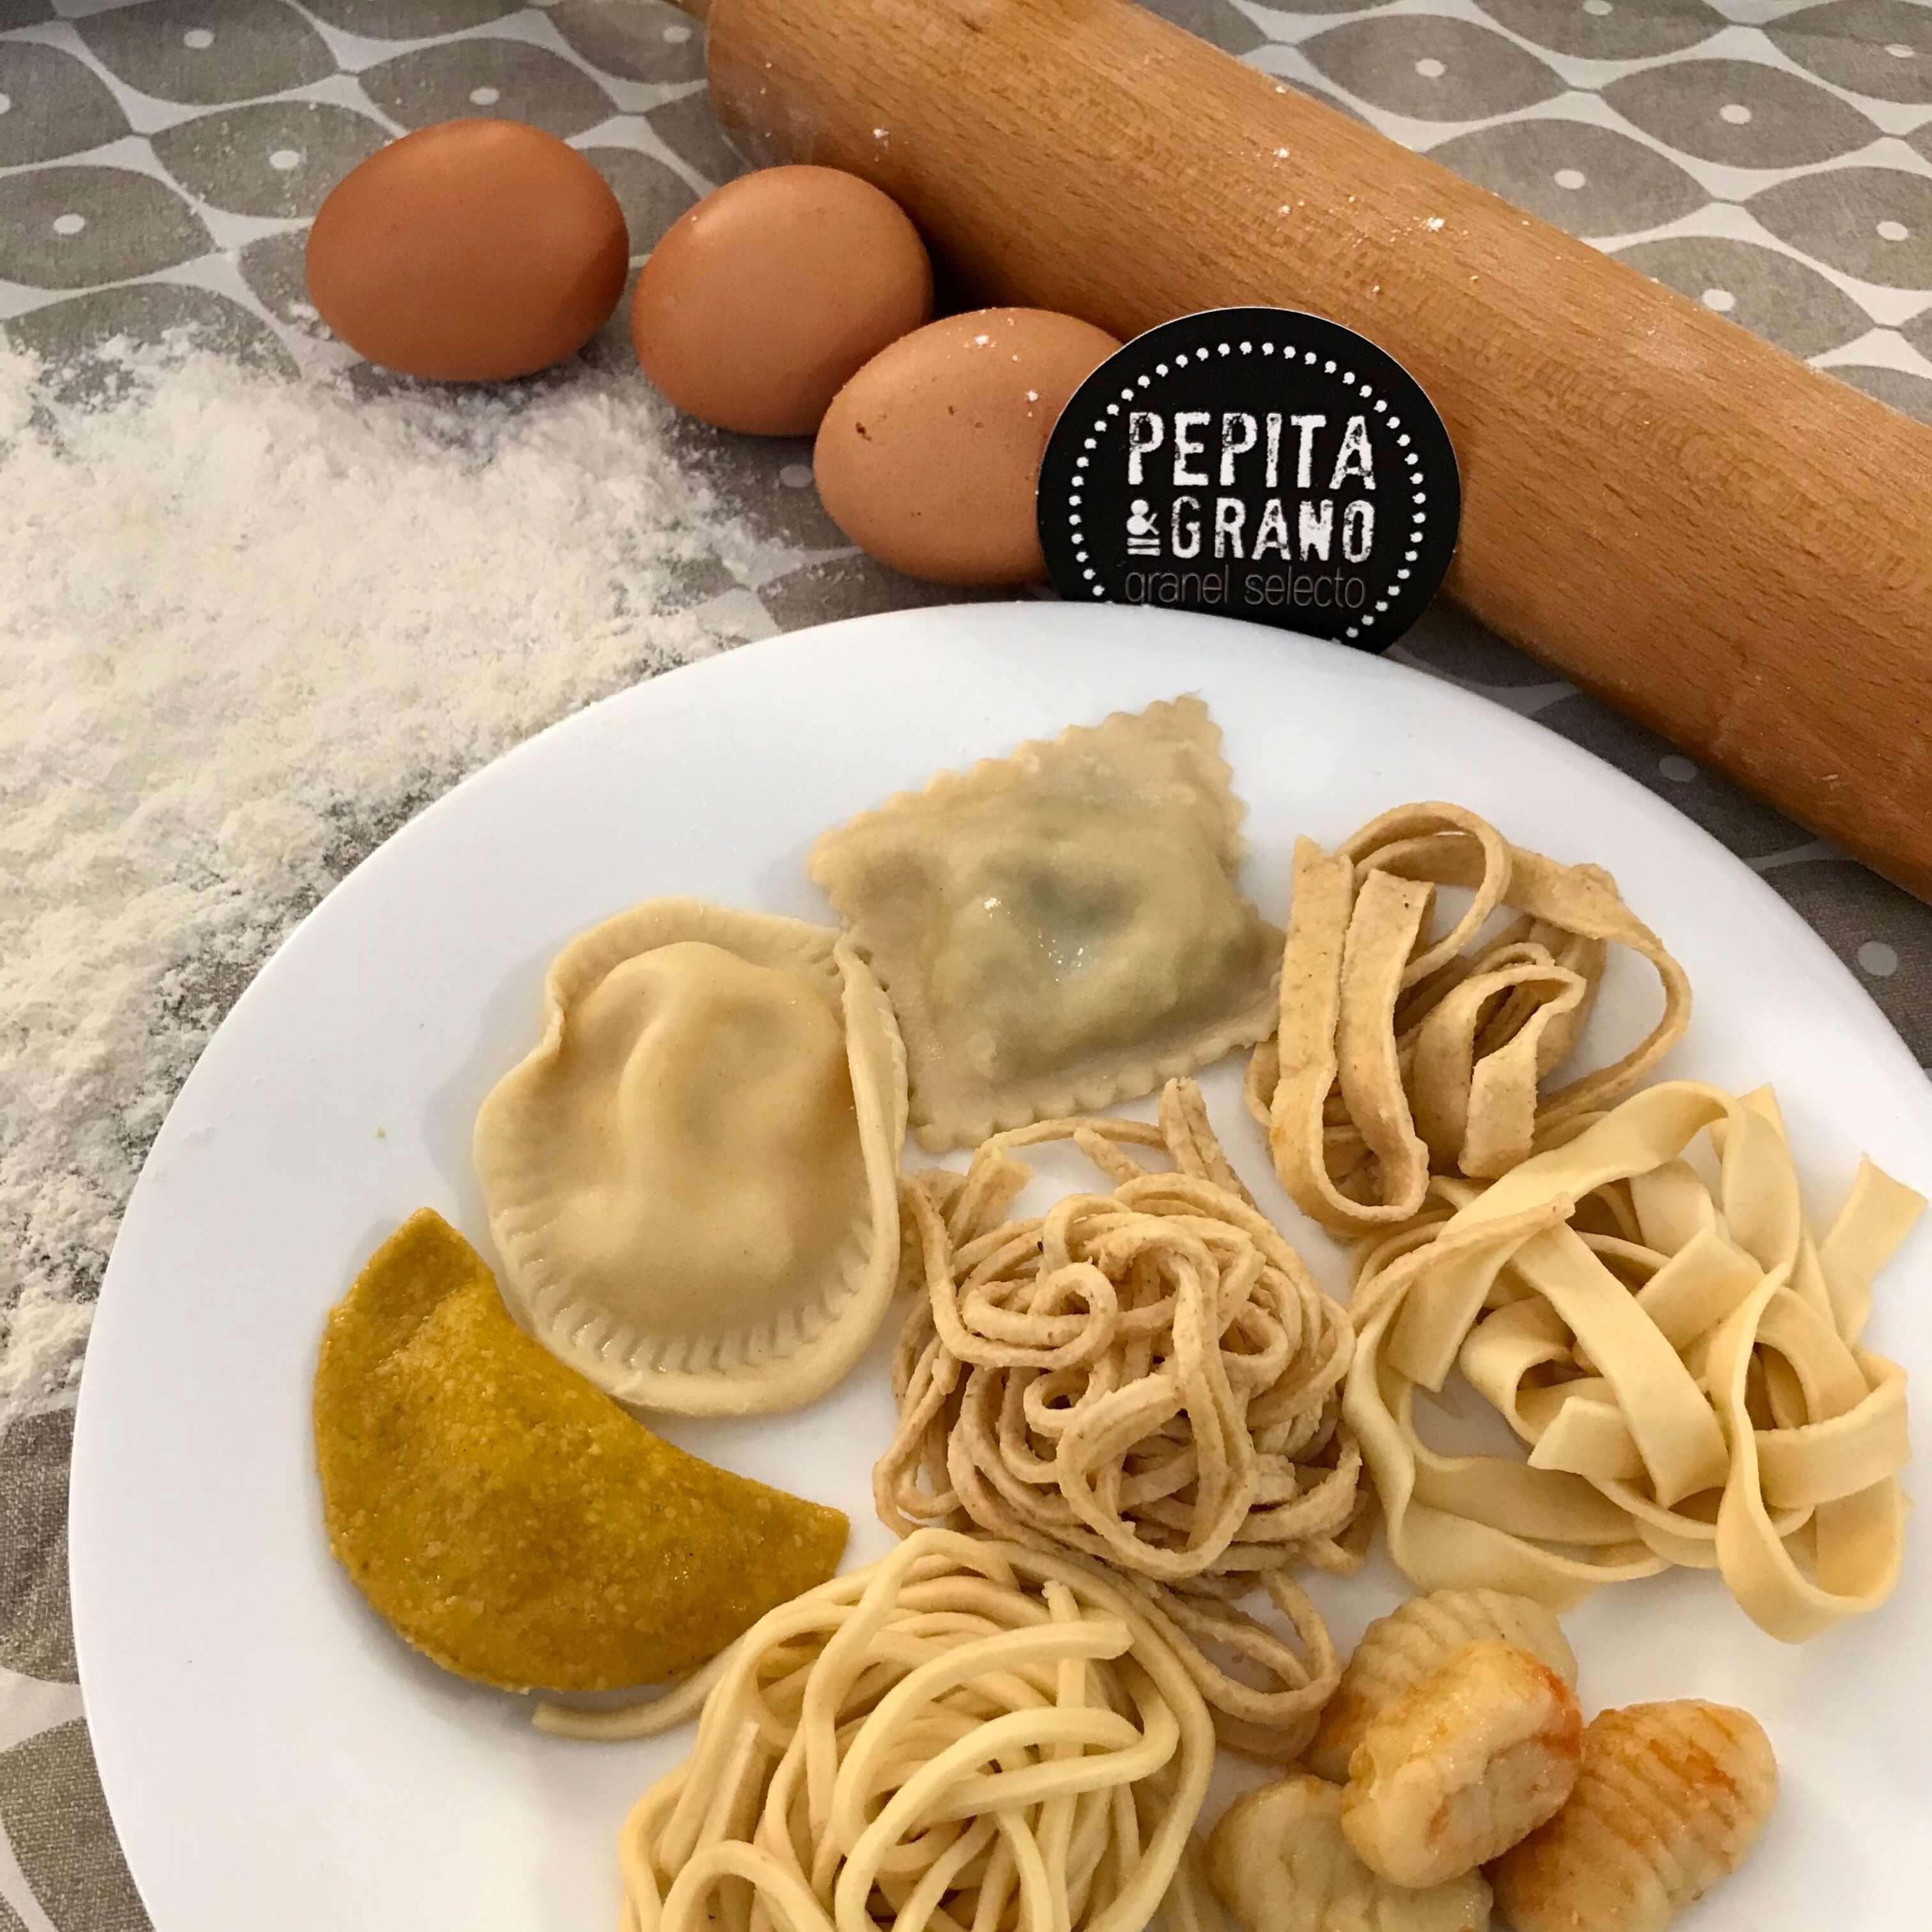 Pasta fresca casera en Pepita y Grano